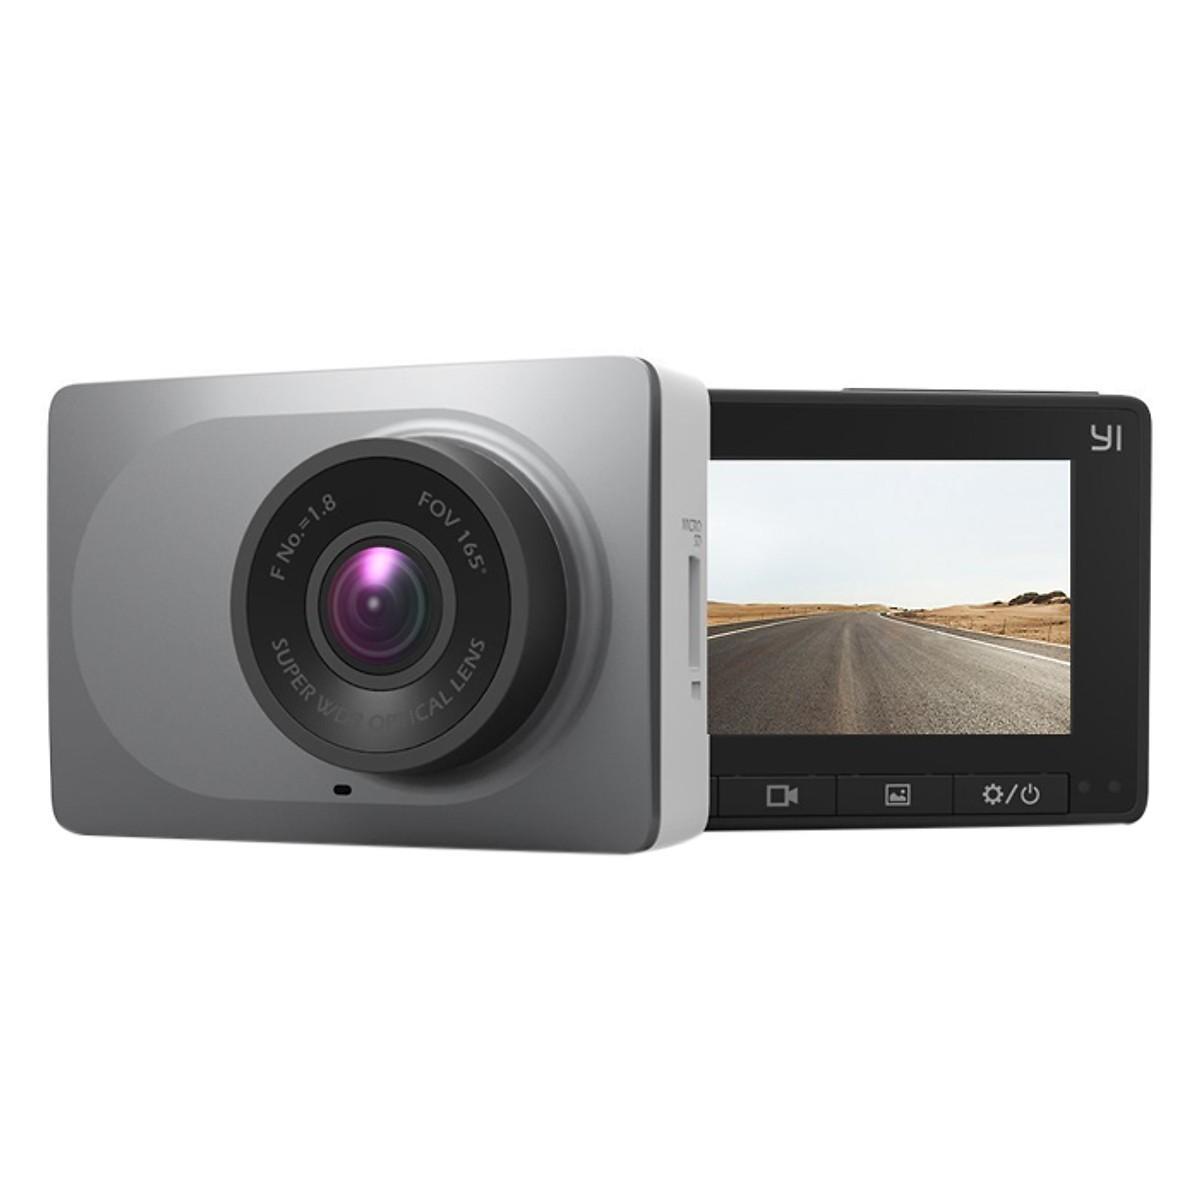 Camera Hành Trình Yi Smart Dash Cam DVR 2K 1296p Quốc Tế - Hàng Chính Hãng